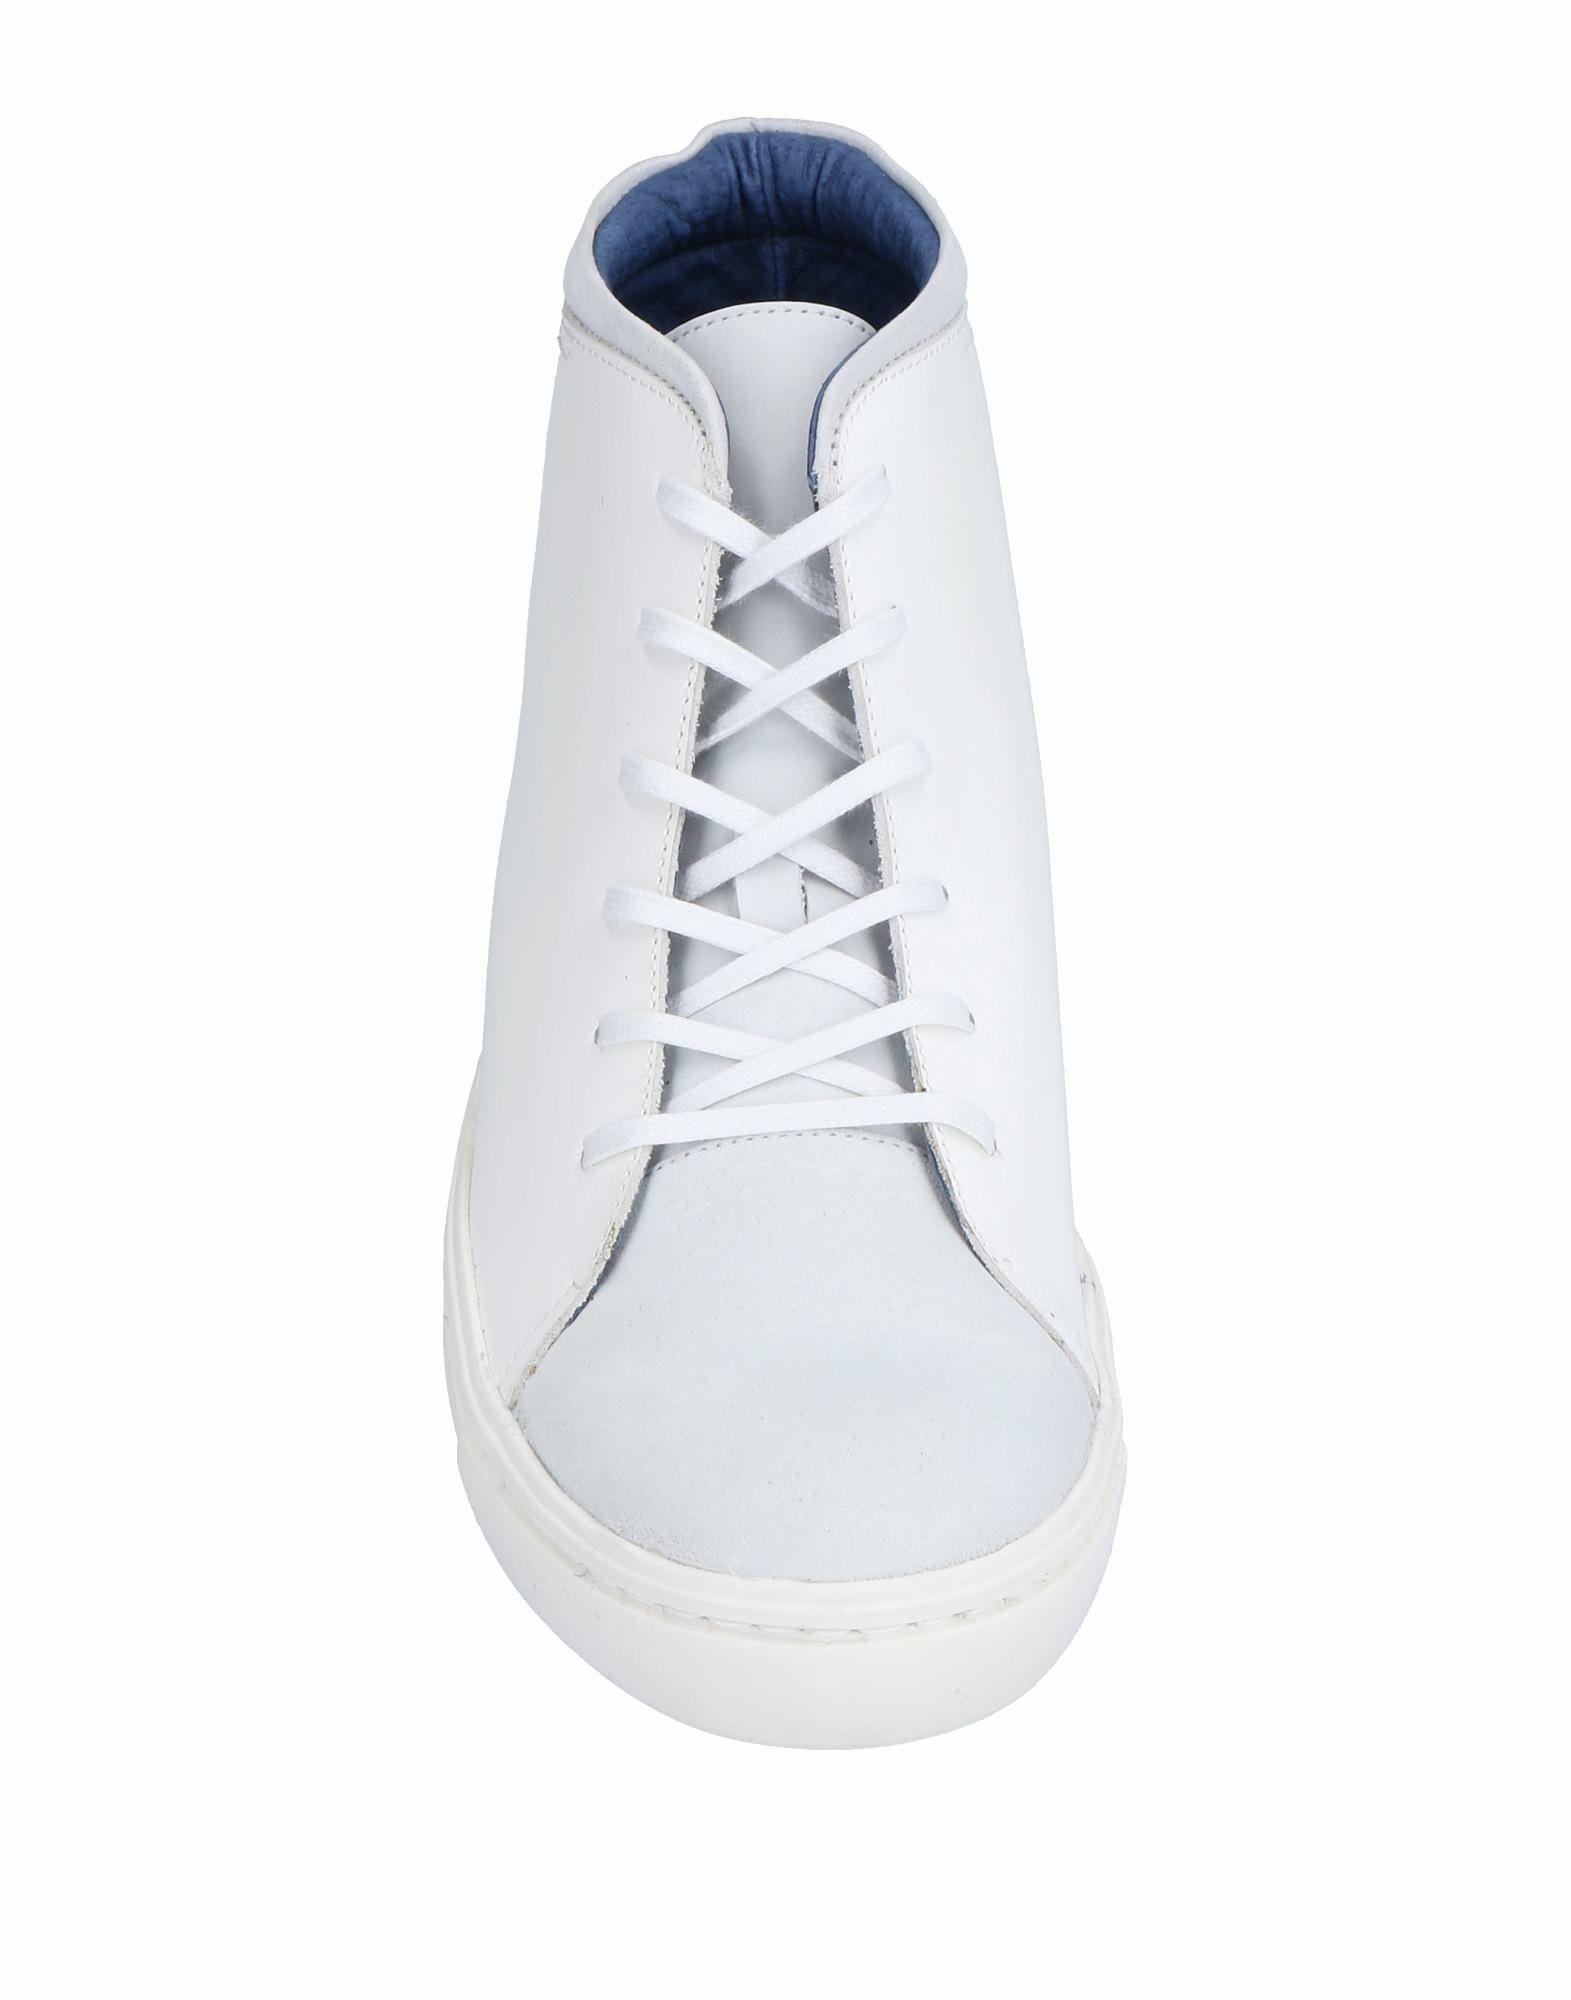 Opening Ceremony Sneakers Herren beliebte  11518887KL Gute Qualität beliebte Herren Schuhe 1def0c